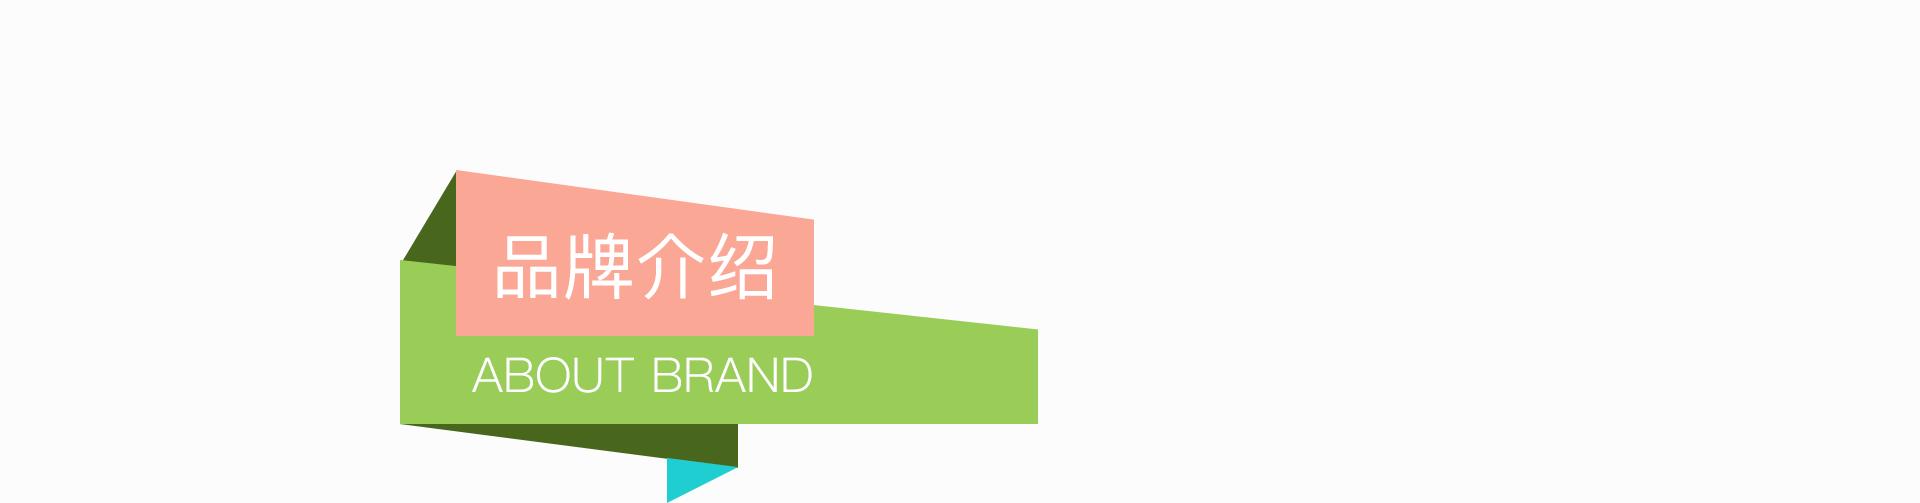 乐僮系列品牌介绍